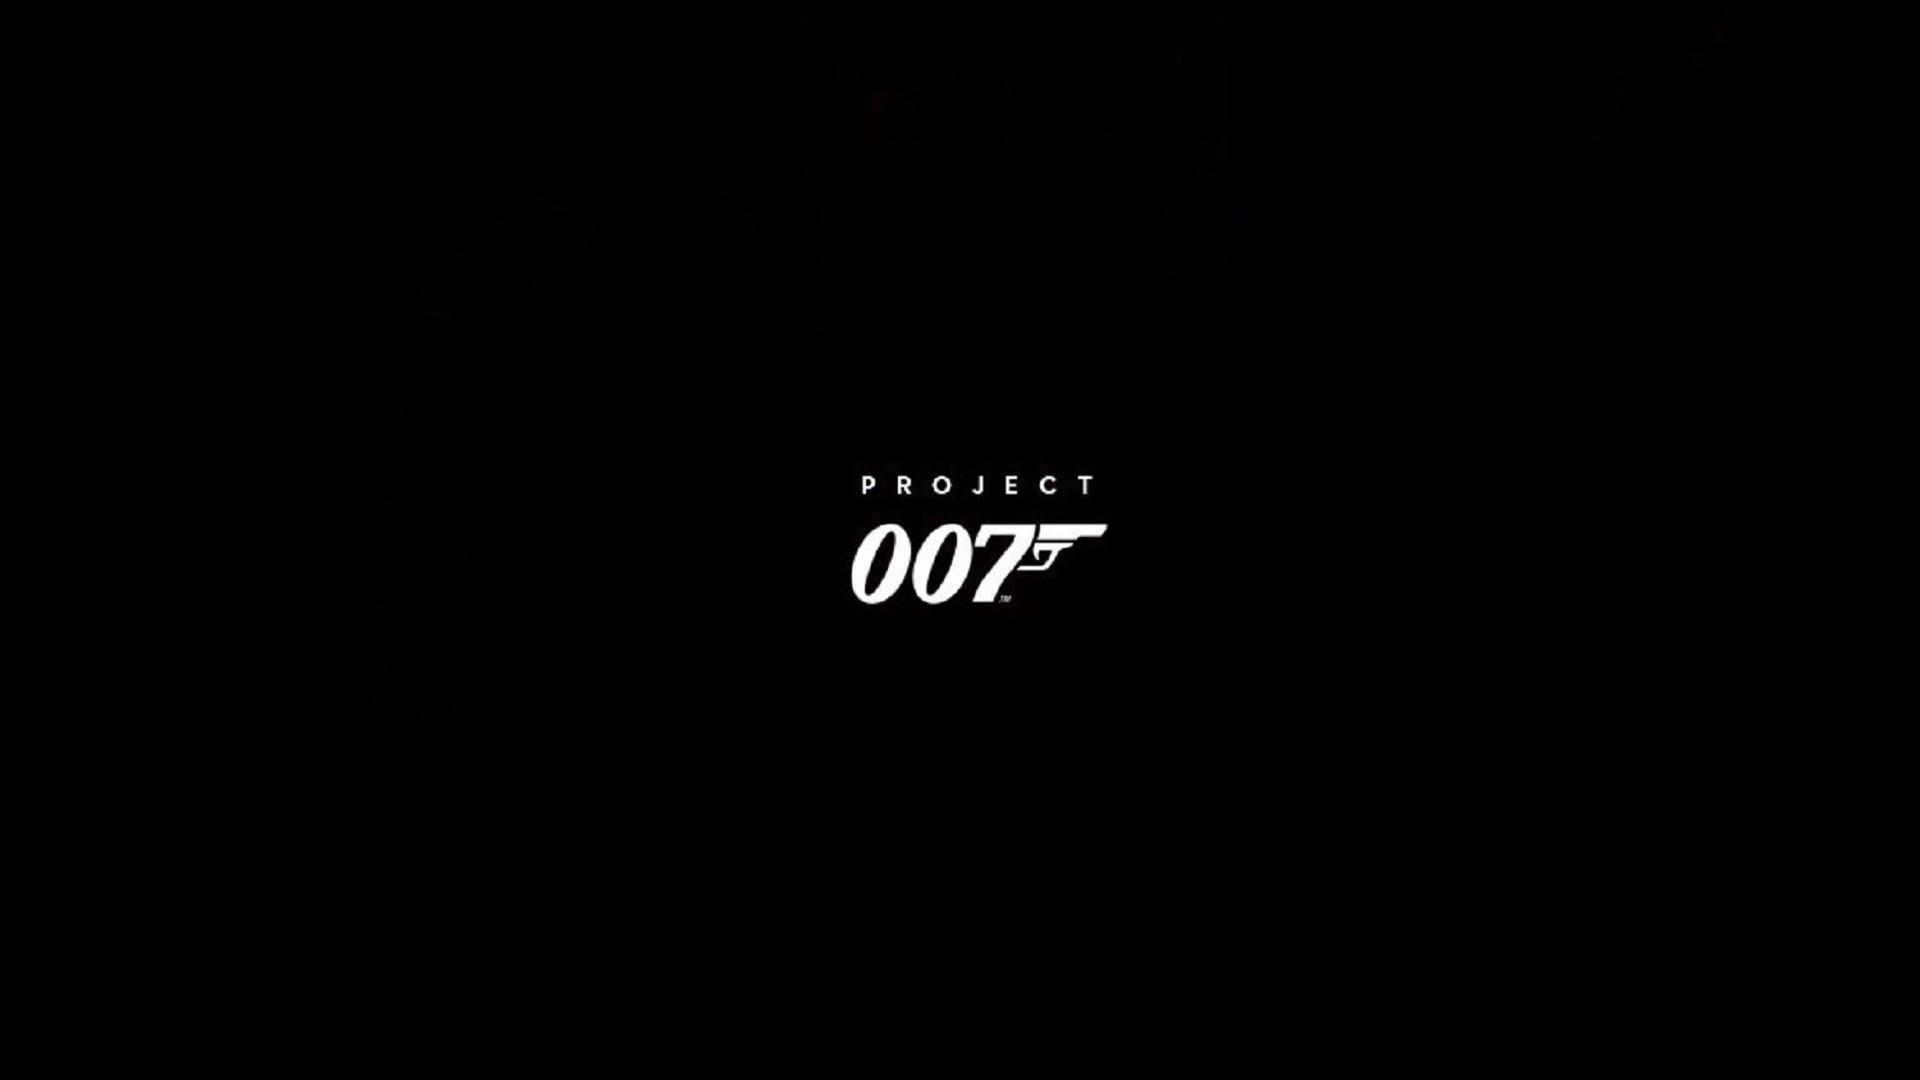 بازی Project 007